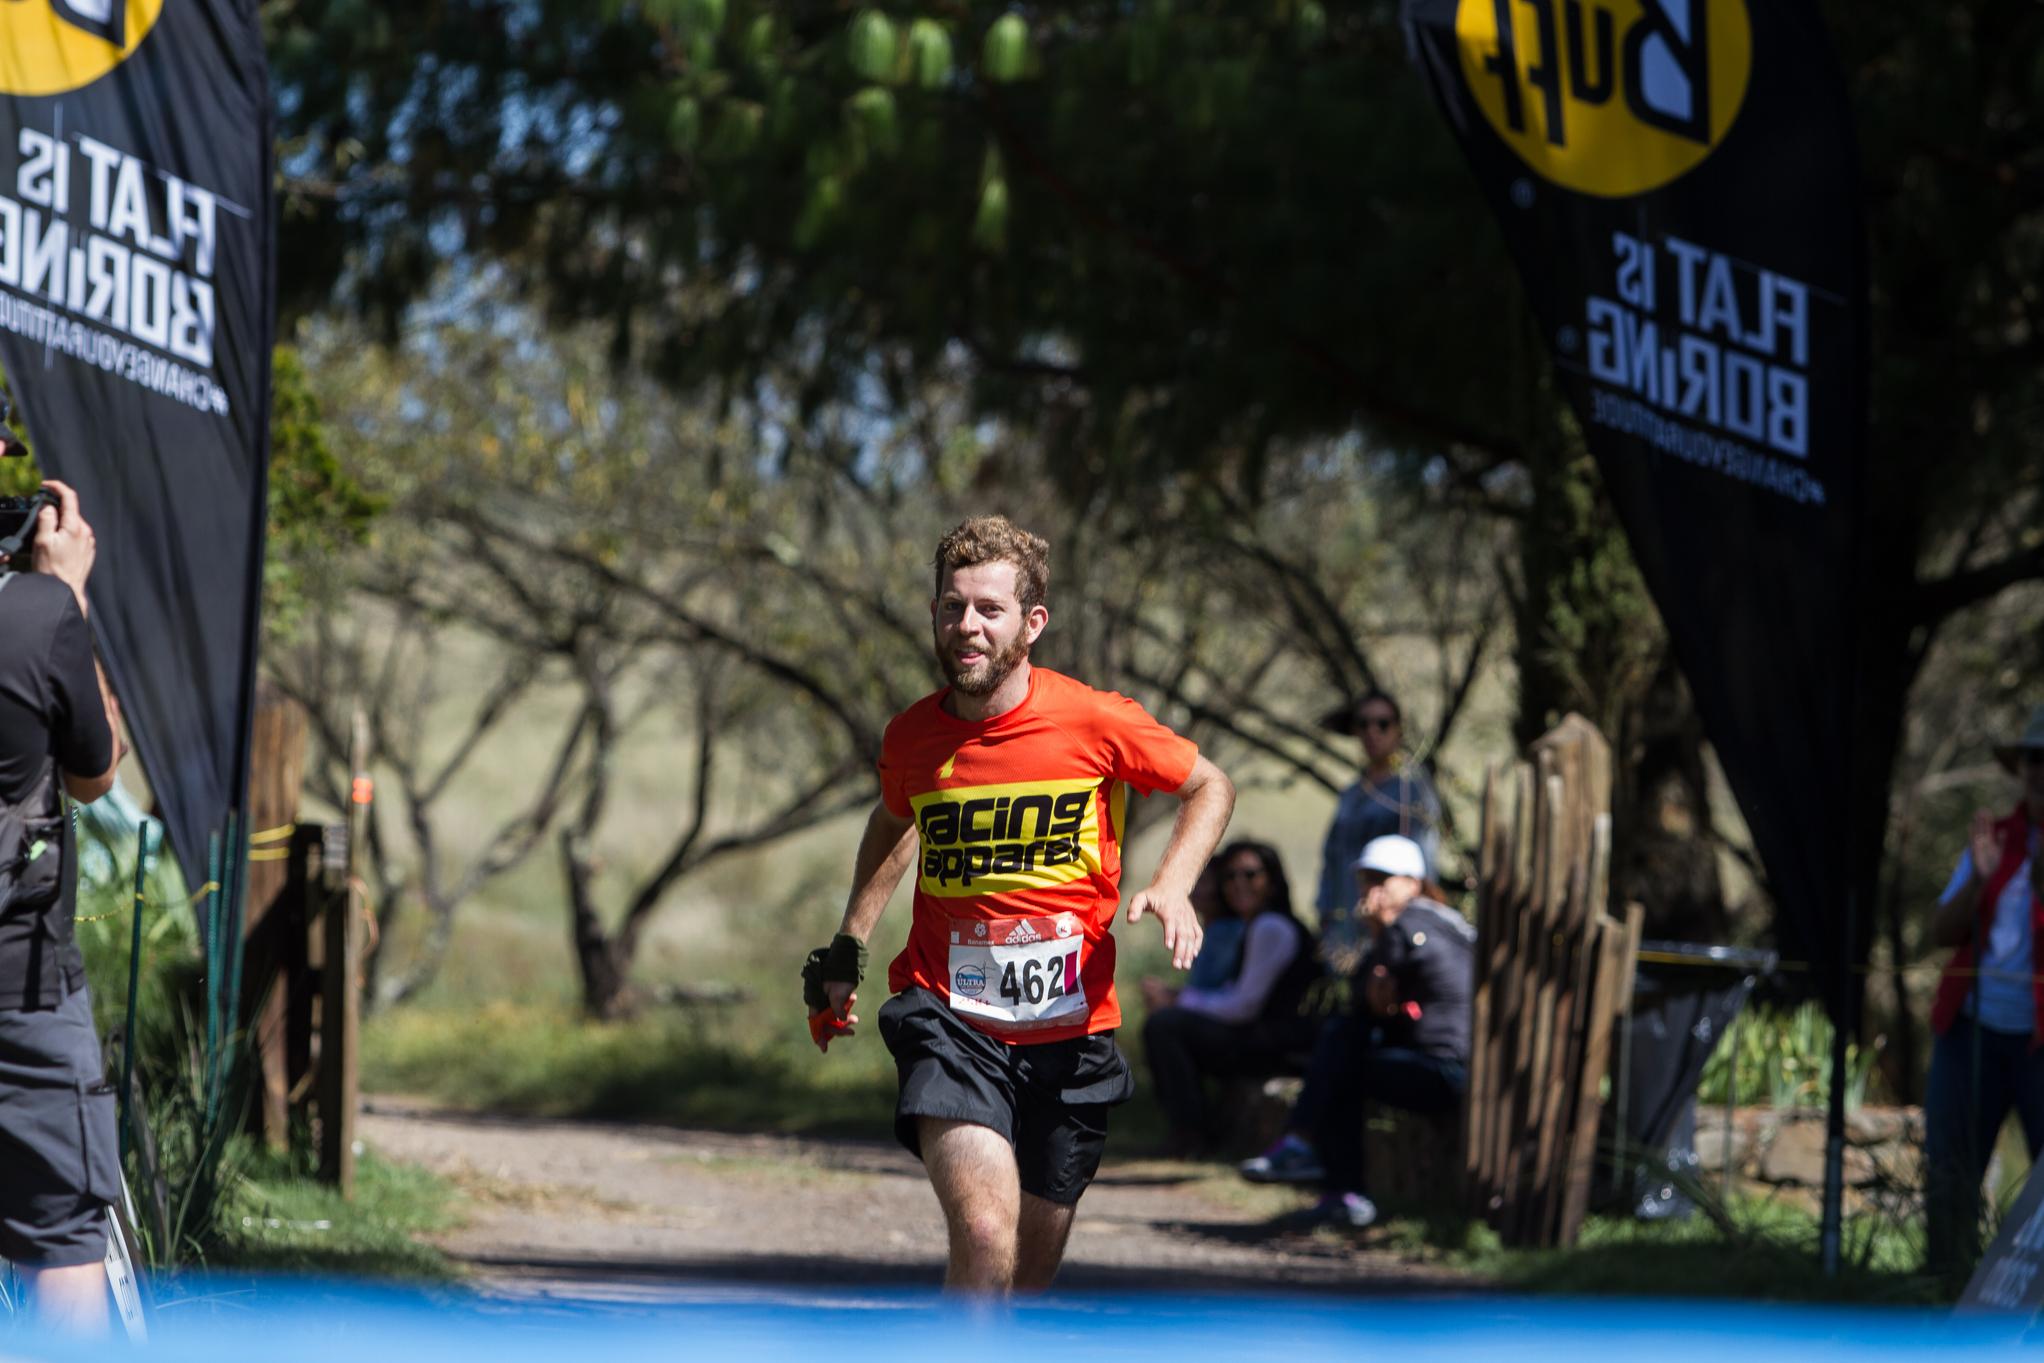 Correr un ultramaratón, es una lucha interior